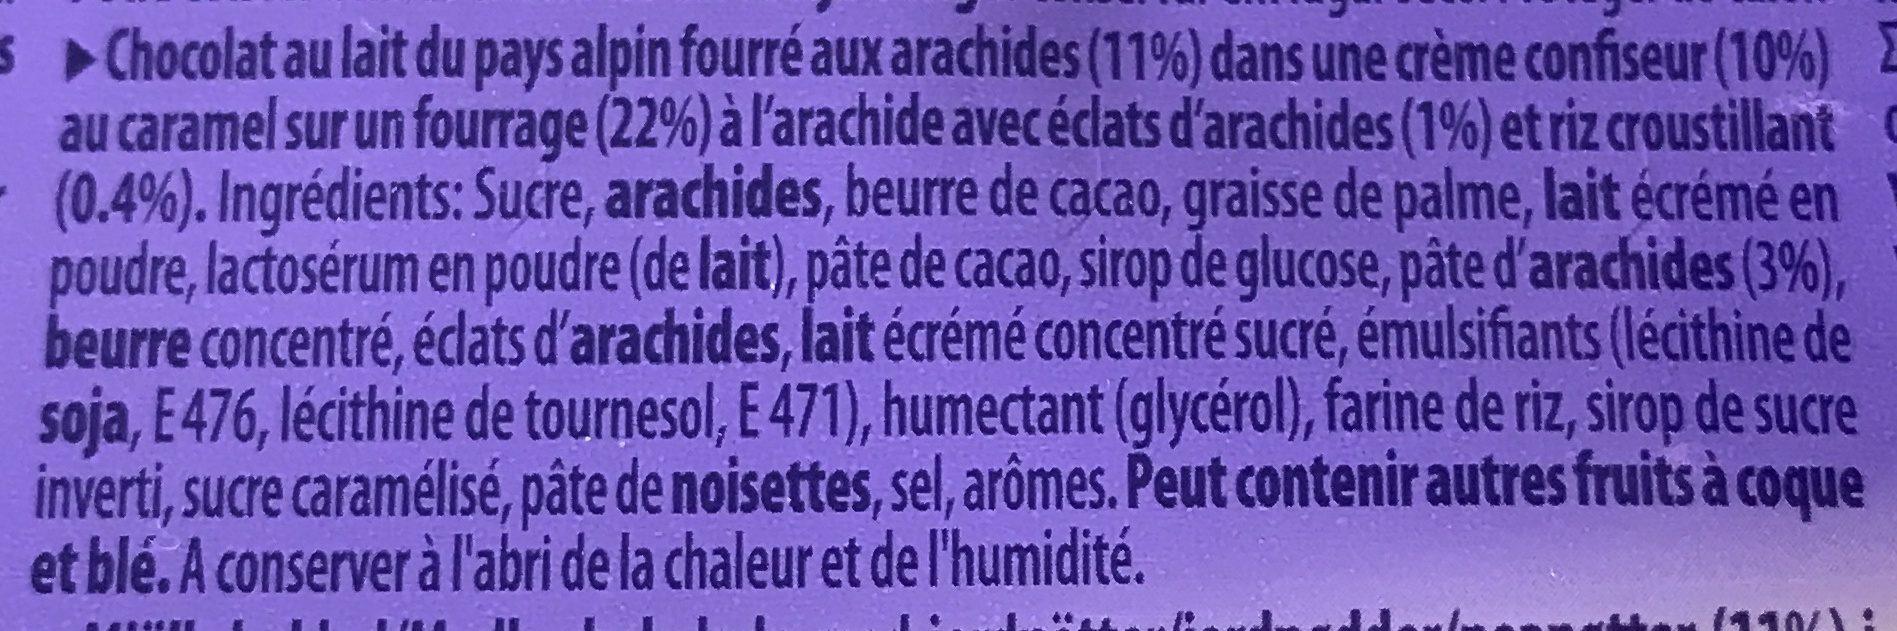 Milka Peanut Caramel - Ingrediënten